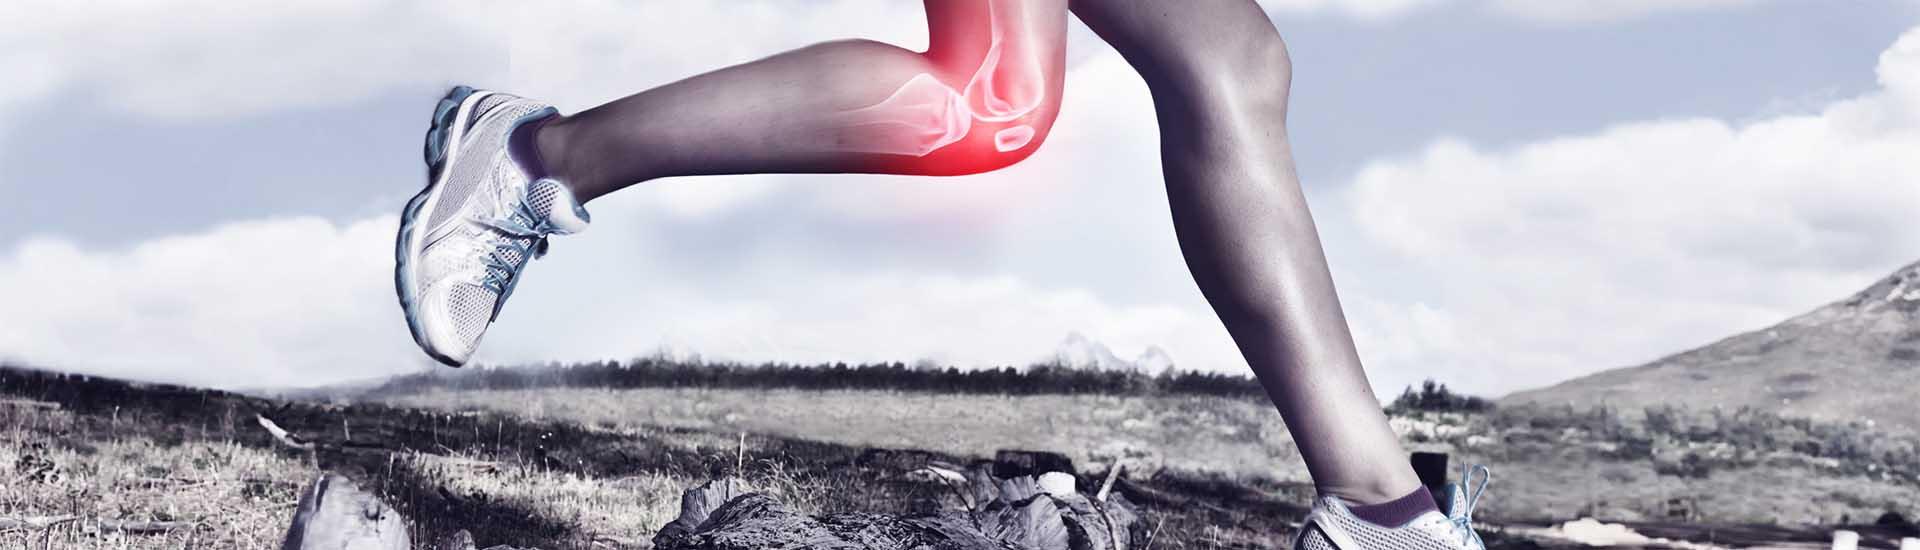 Knie-OP - unsere Spezialisten | ATOS Klinik Heidelberg